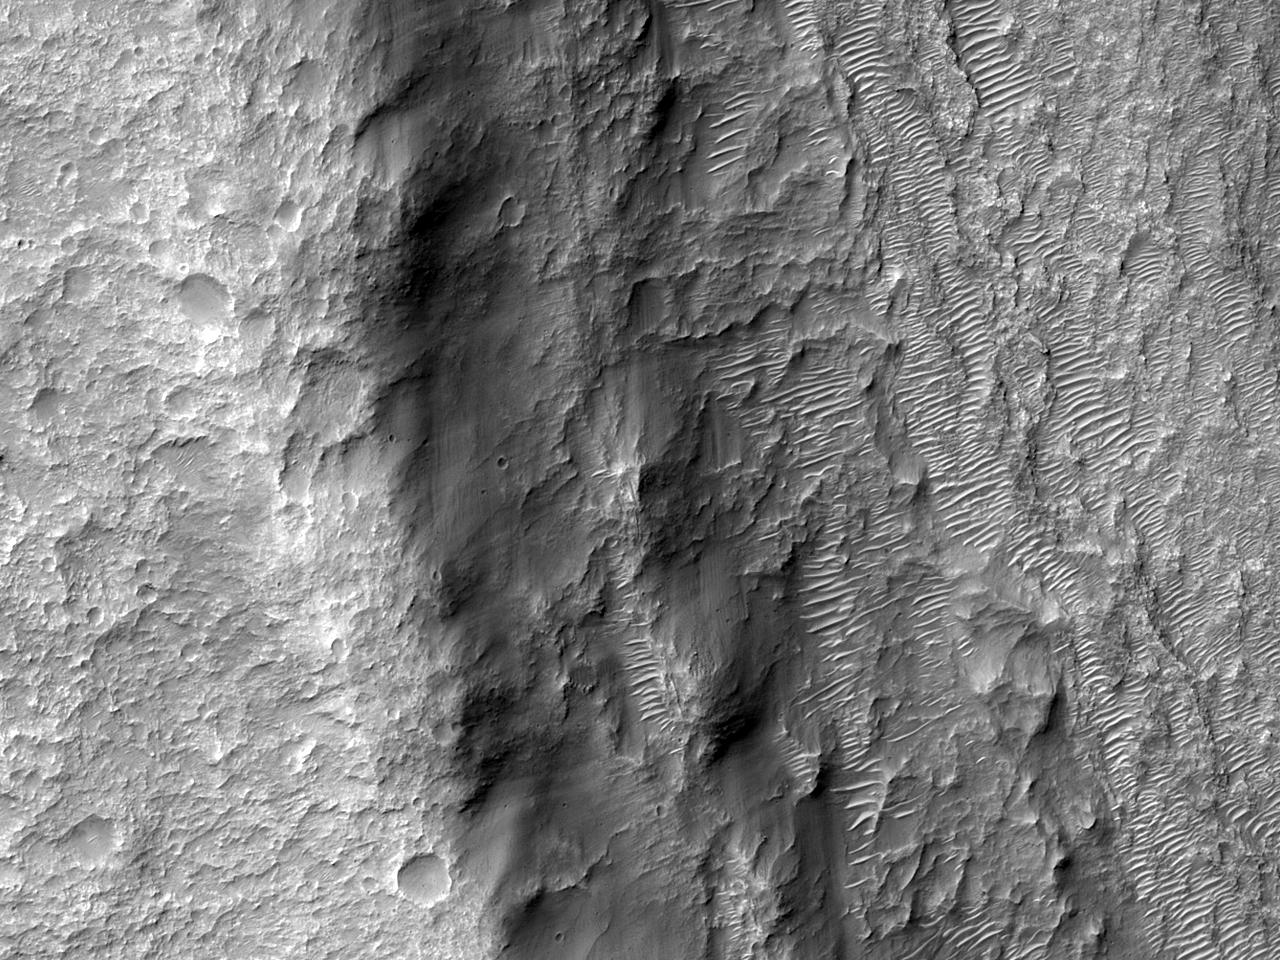 Стратиграфия, проявленая в стенке кратера